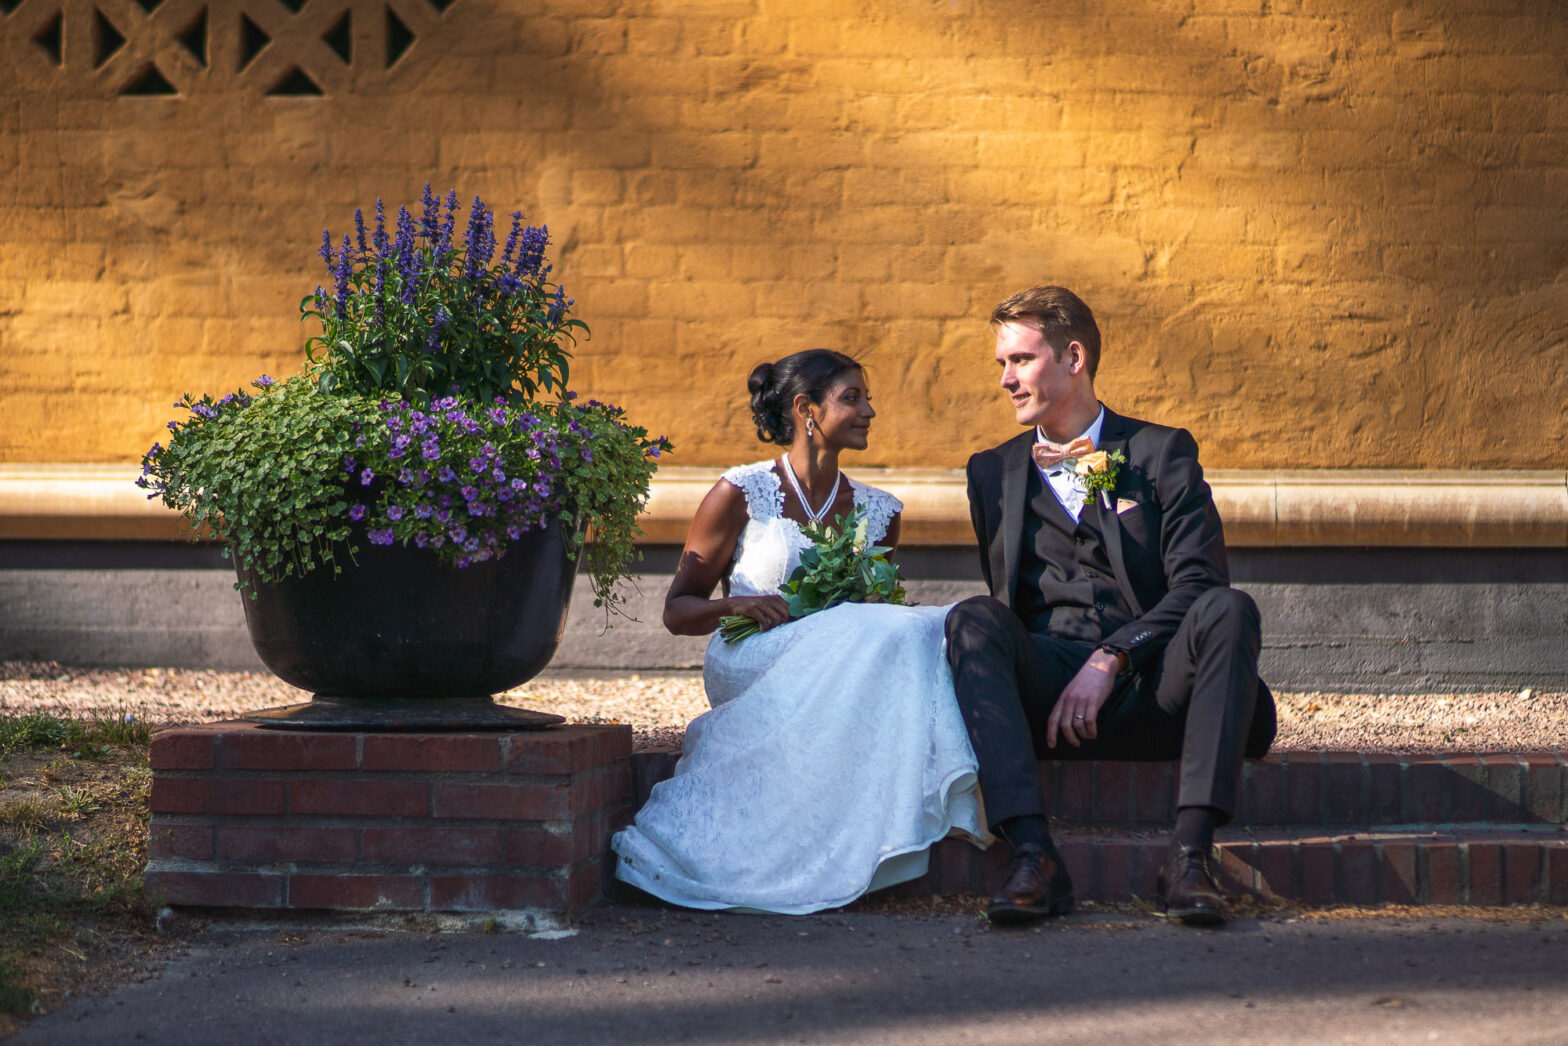 Brud och brudgum i museiparken i Karlstad